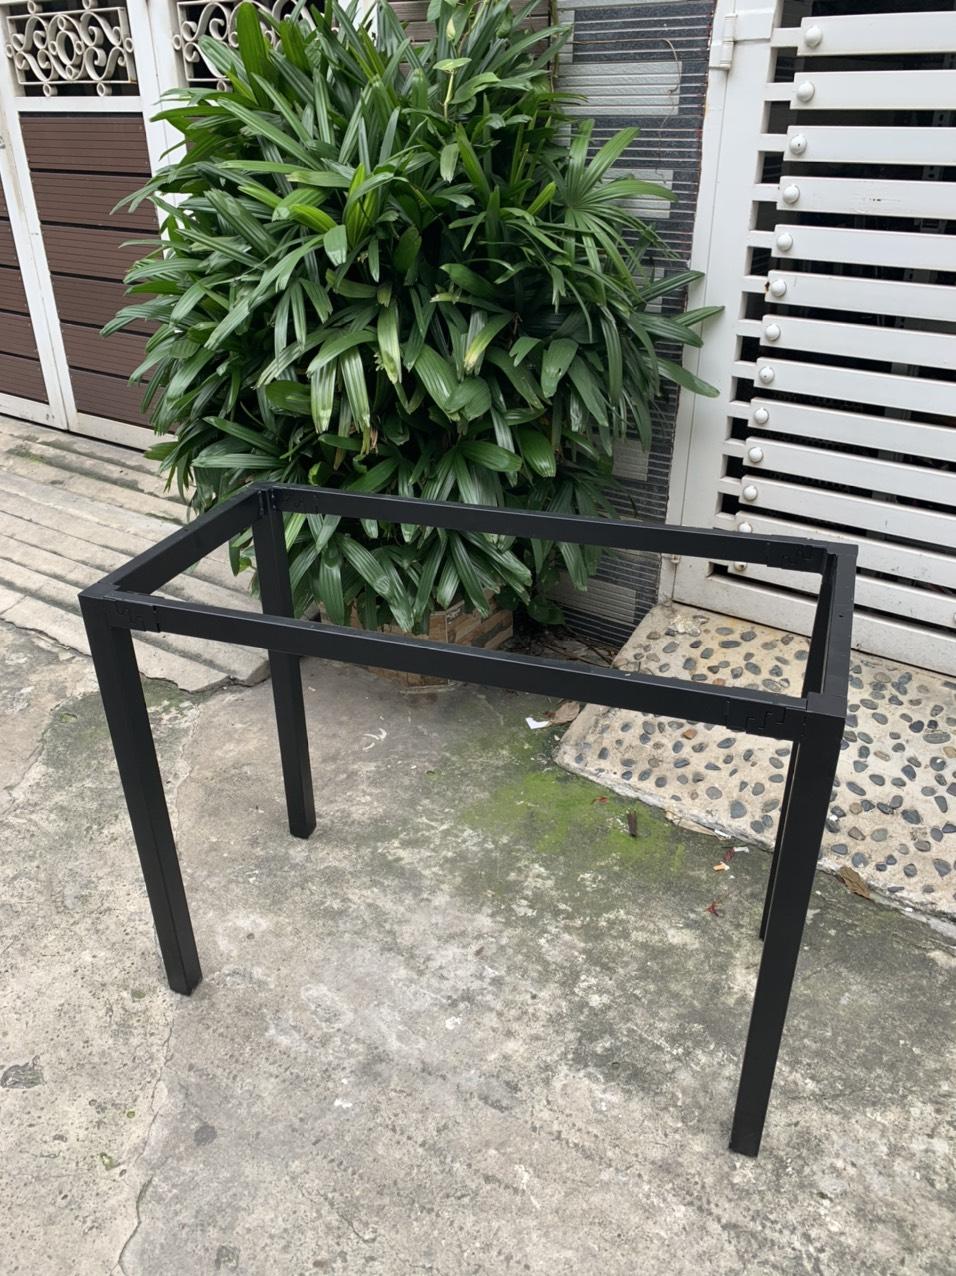 Bán khung bàn làm việc chân sắt chữ U lắp ráp : U120